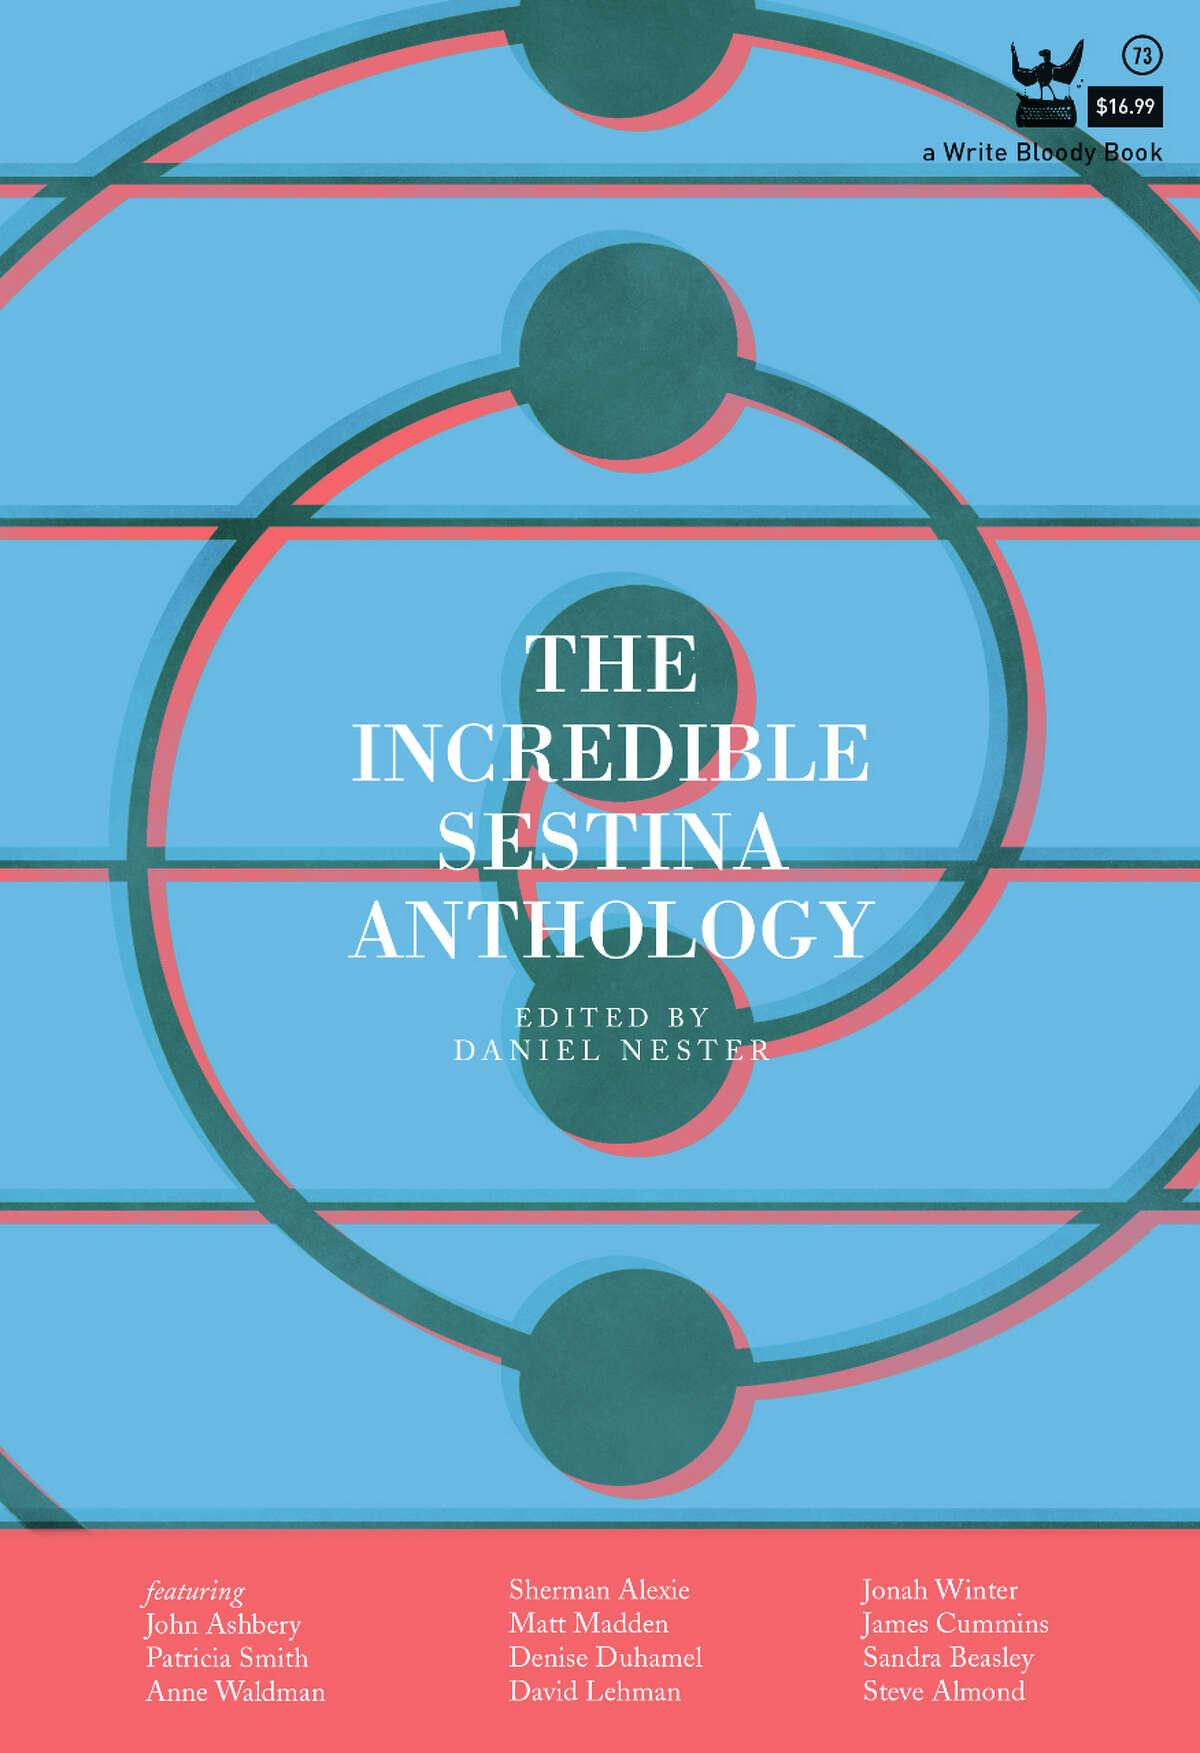 """""""The Incredible Sestina Anthology"""" from Daniel Nester. (Daniel Nester)"""